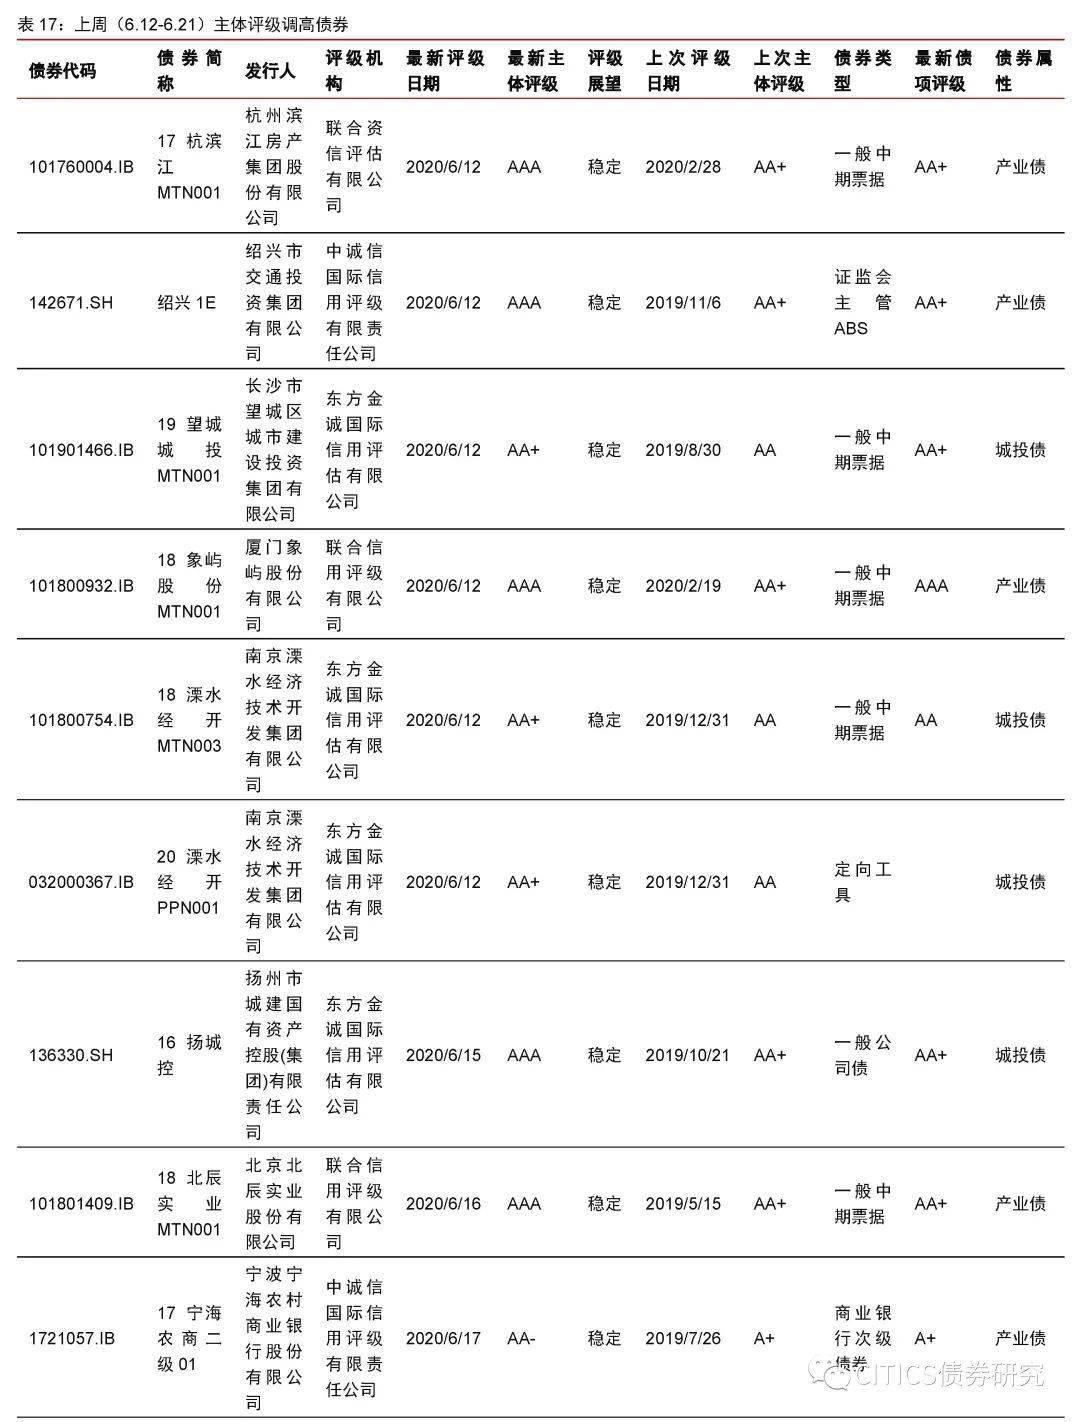 【信视角看债】牛熊切换信用发行定价迎来重估压力